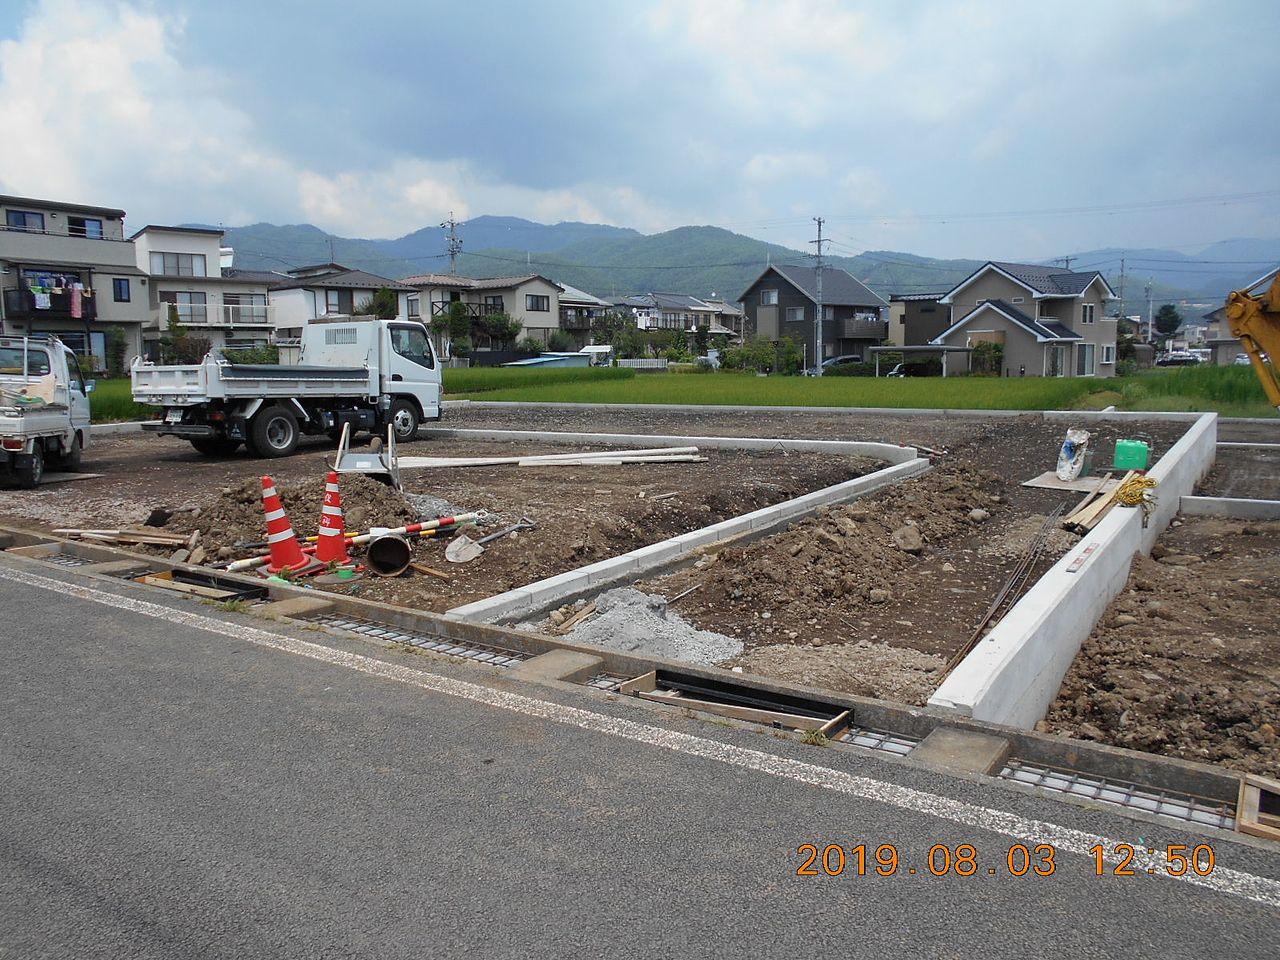 1号区画と2号区画を仕切るコンクリートブロックの設置が終わりました。これから土を埋め戻します。